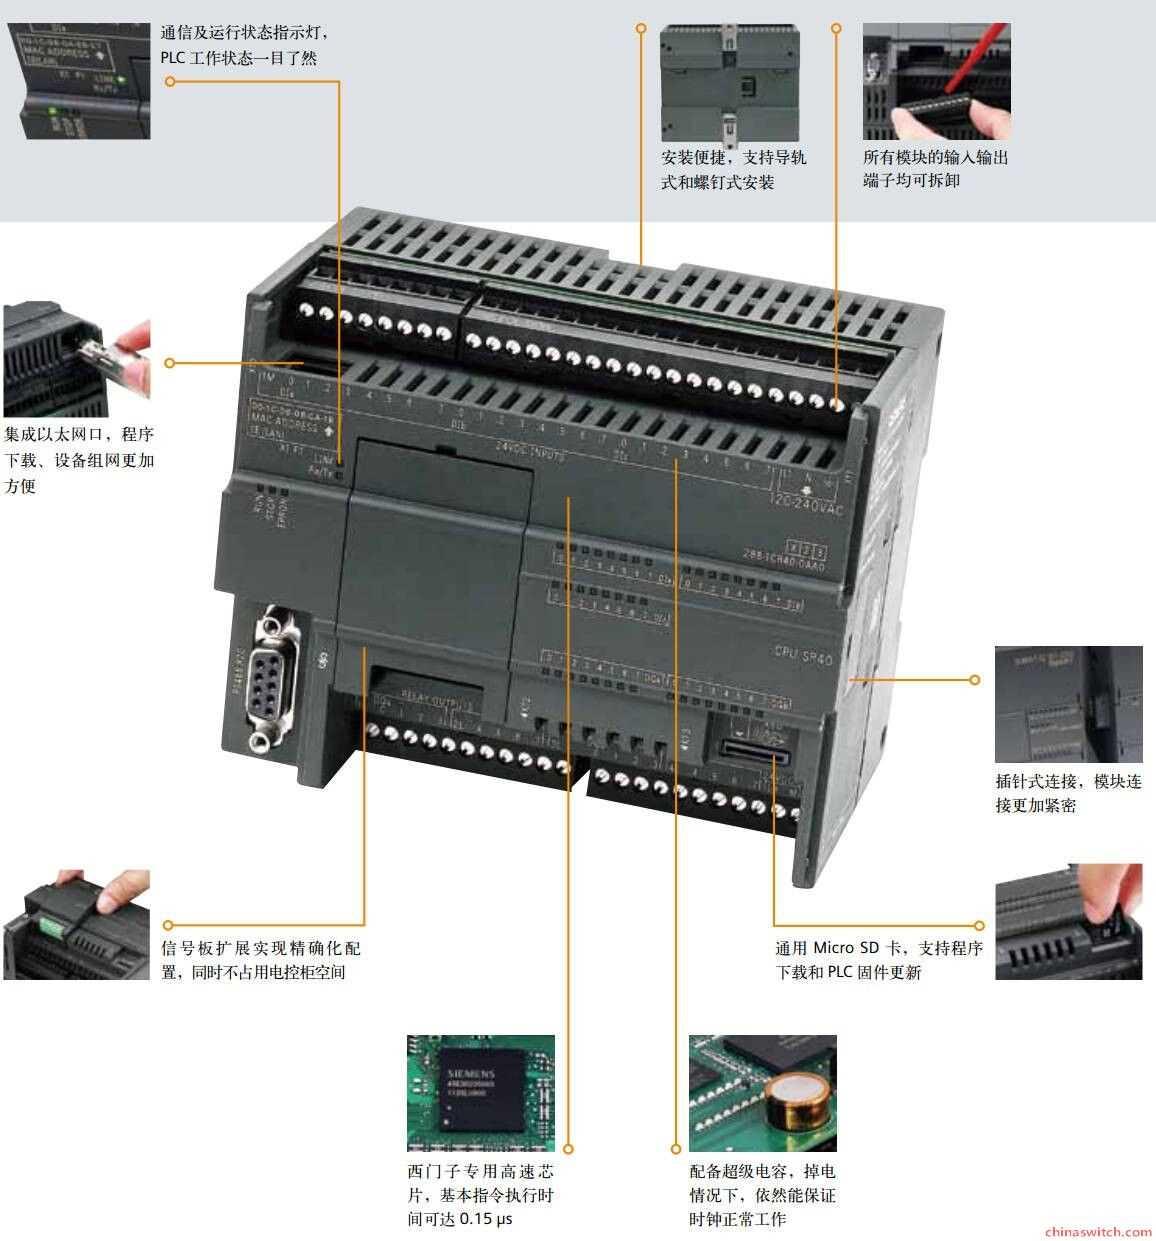 呼和浩特西门子6ES7361-3CA01-0AA0专业技术团队